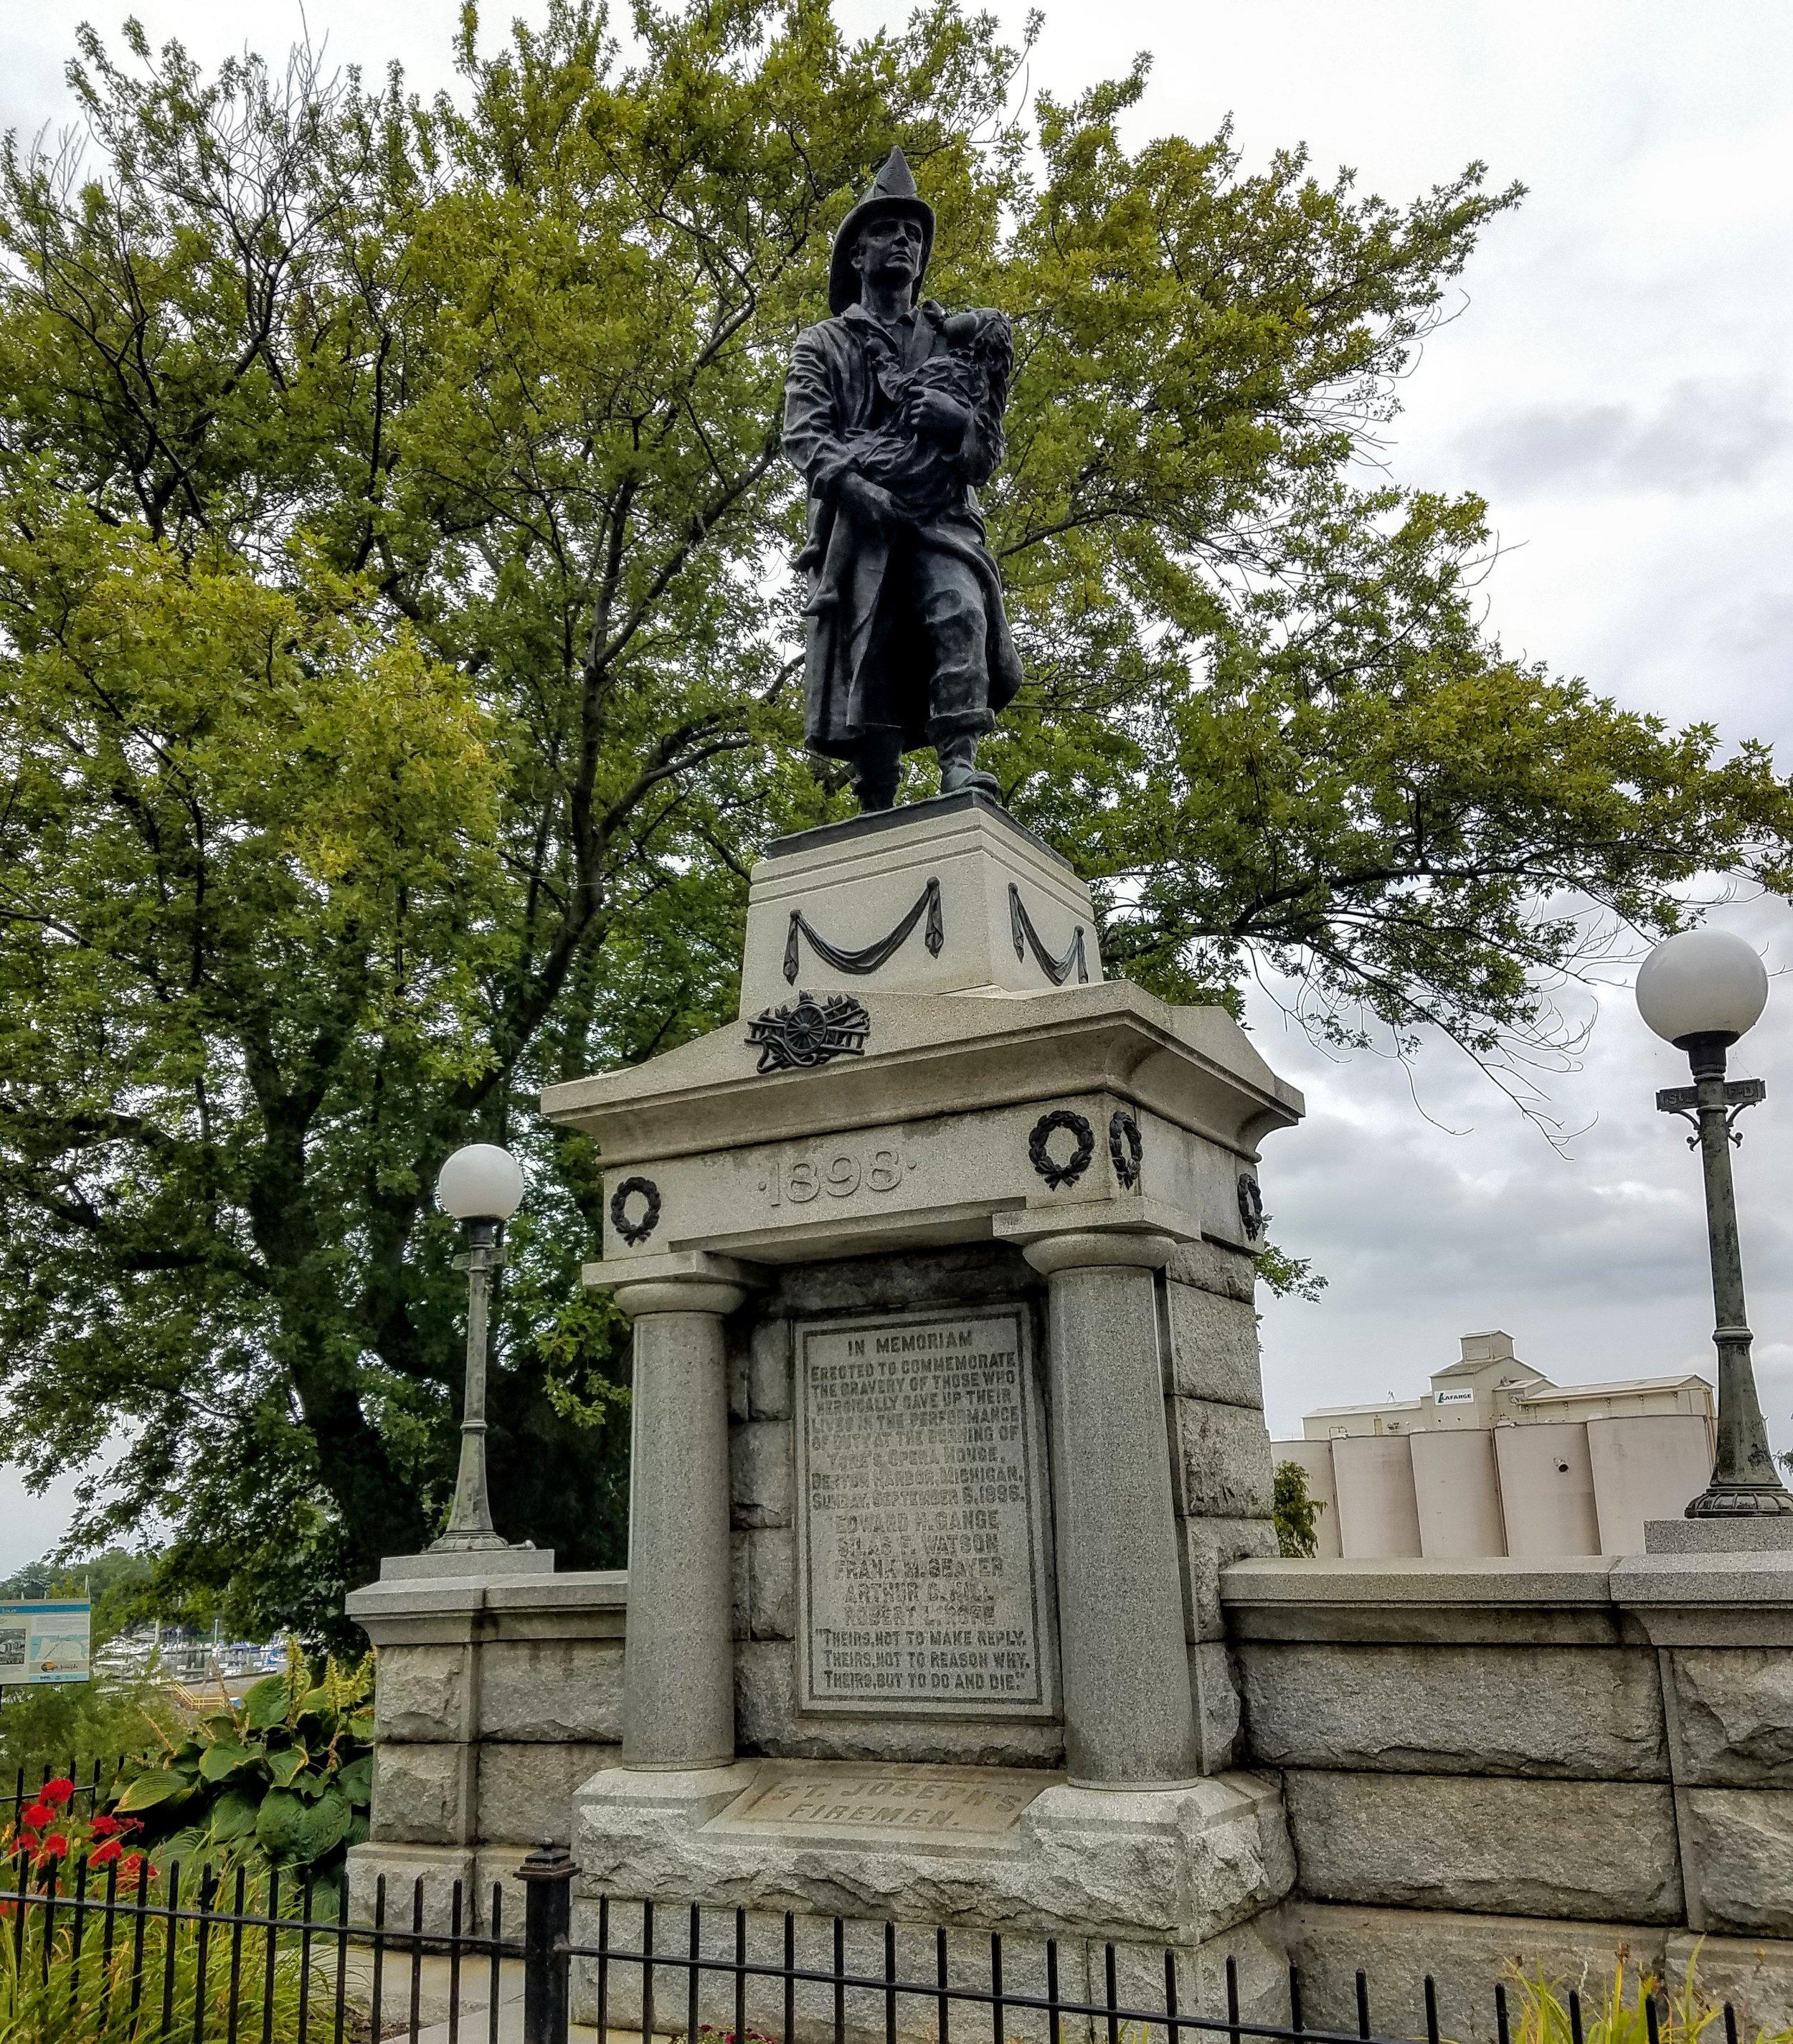 A fireman's memorial from 1898